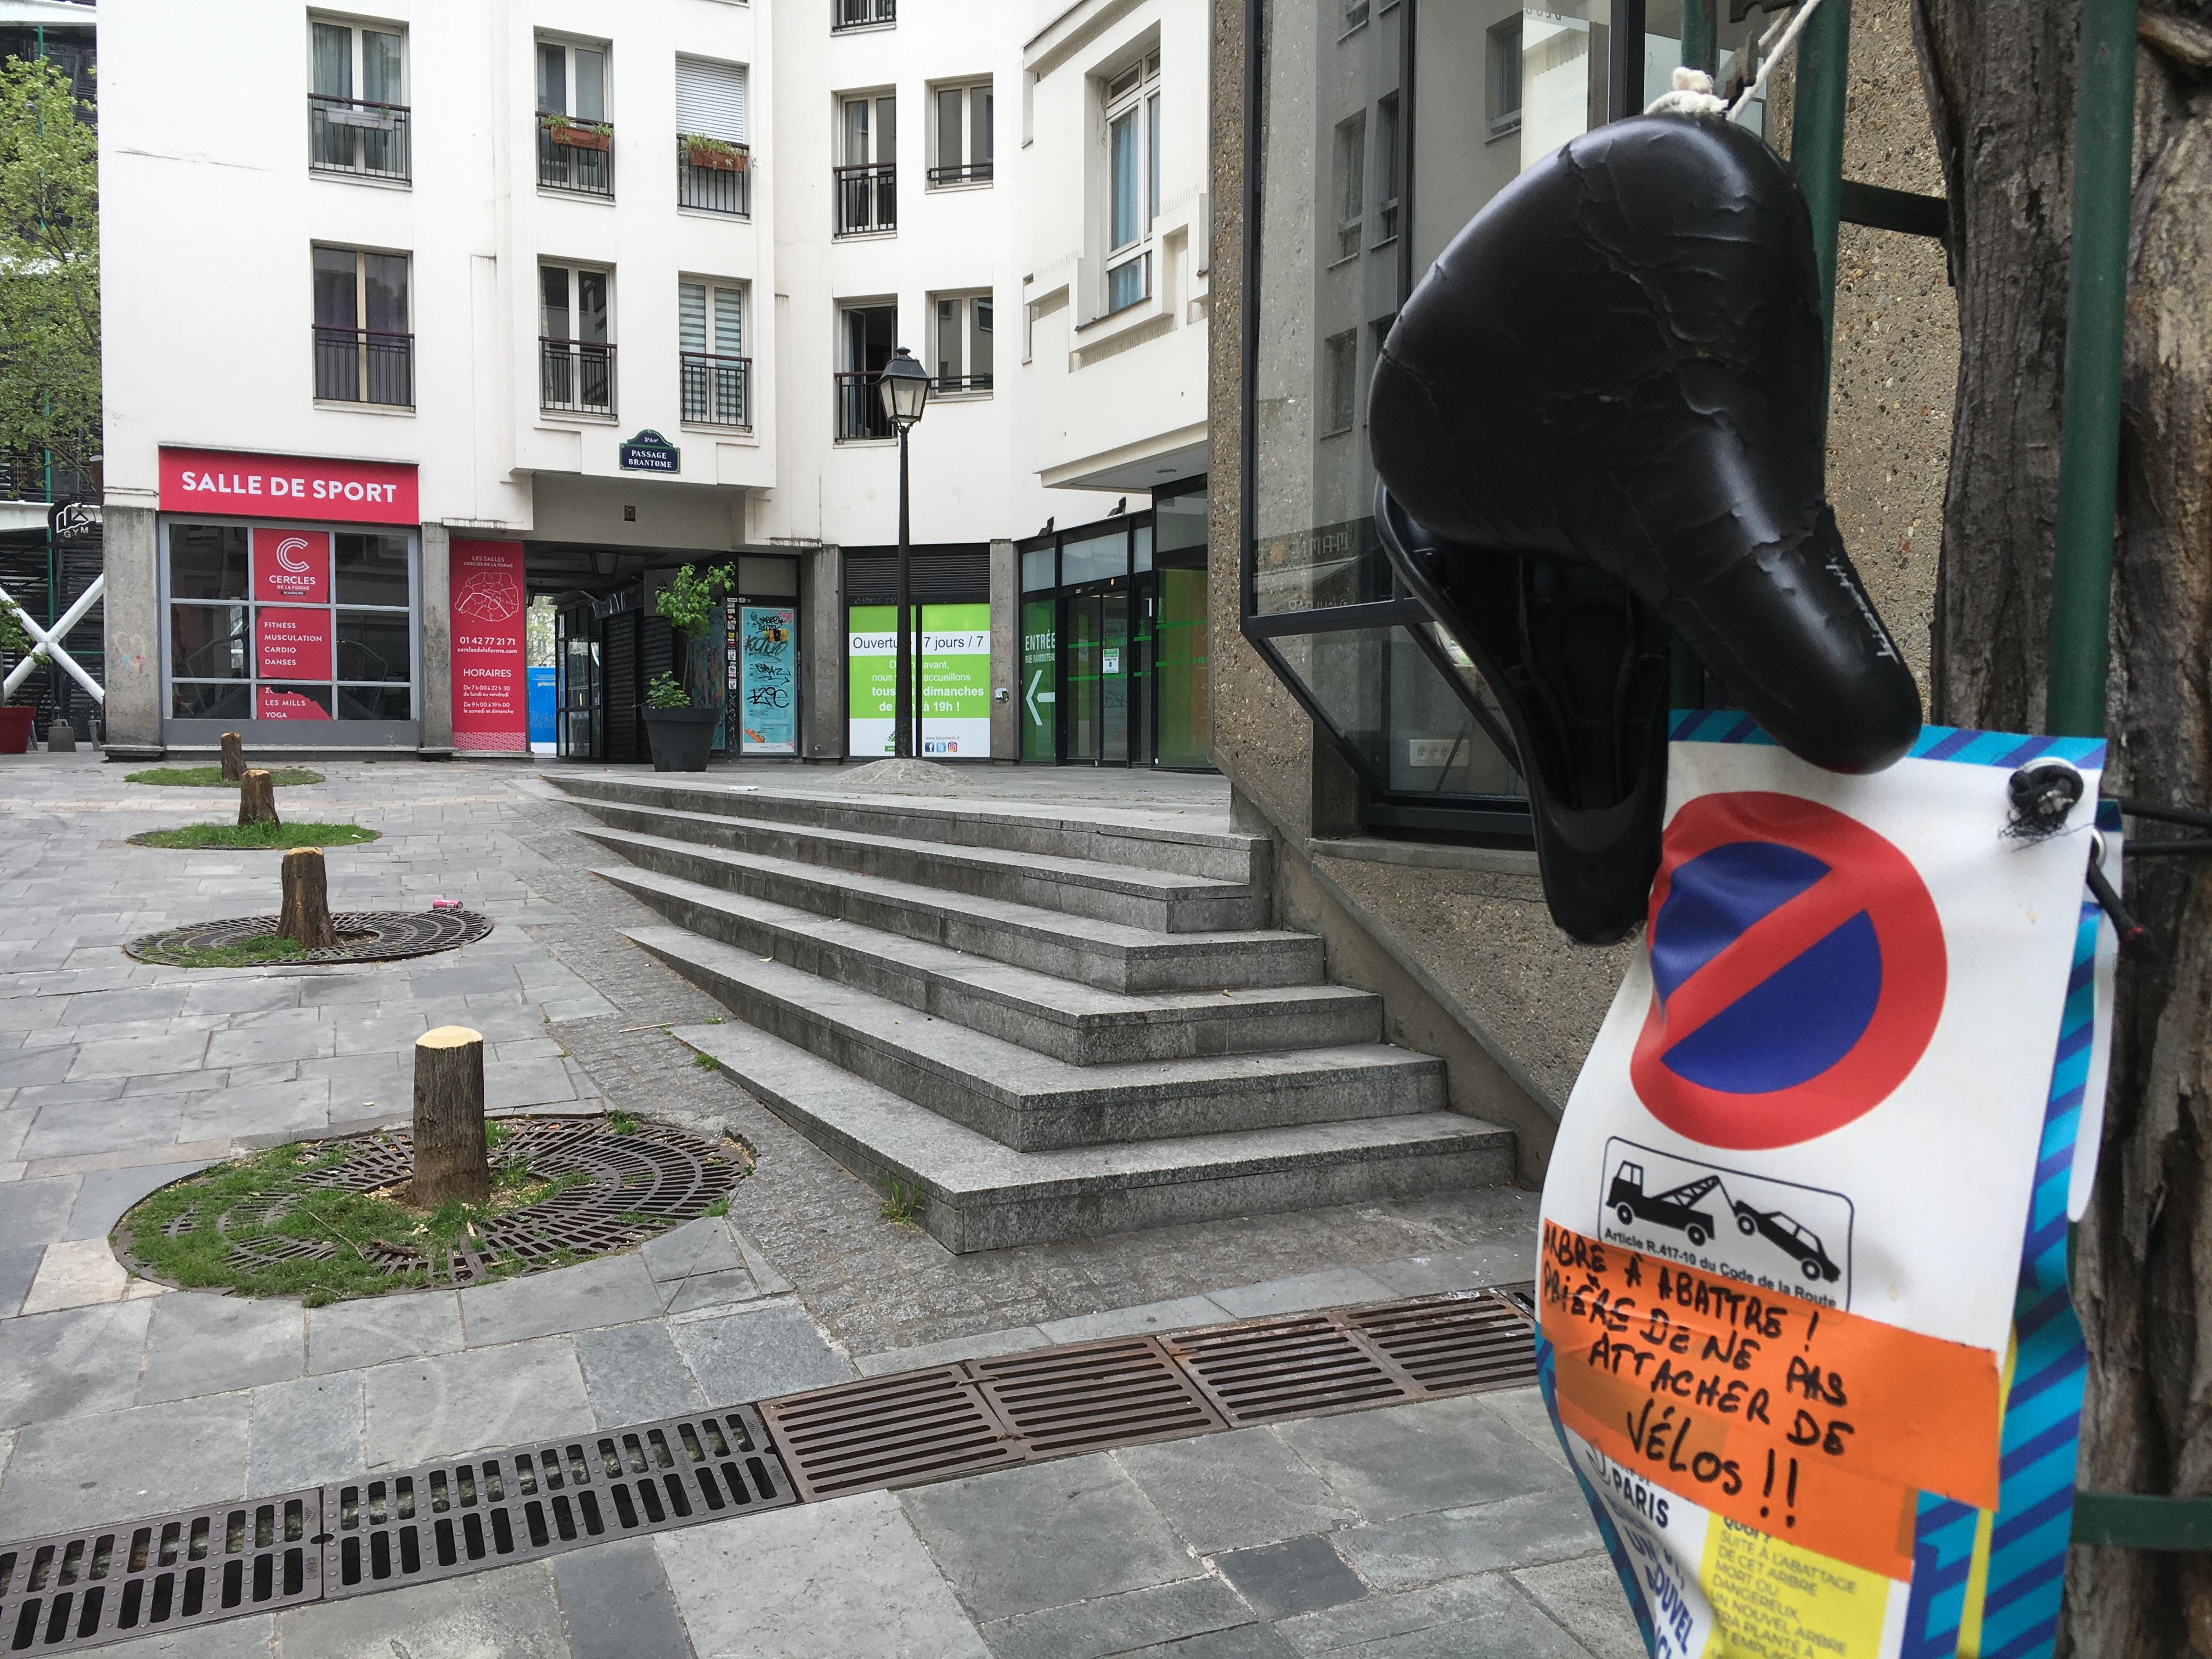 La Mairie de Paris Centre donnera en juin 2021 des explications sur cet abattage en plein cœur d'un quartier privé, ouvert au public.